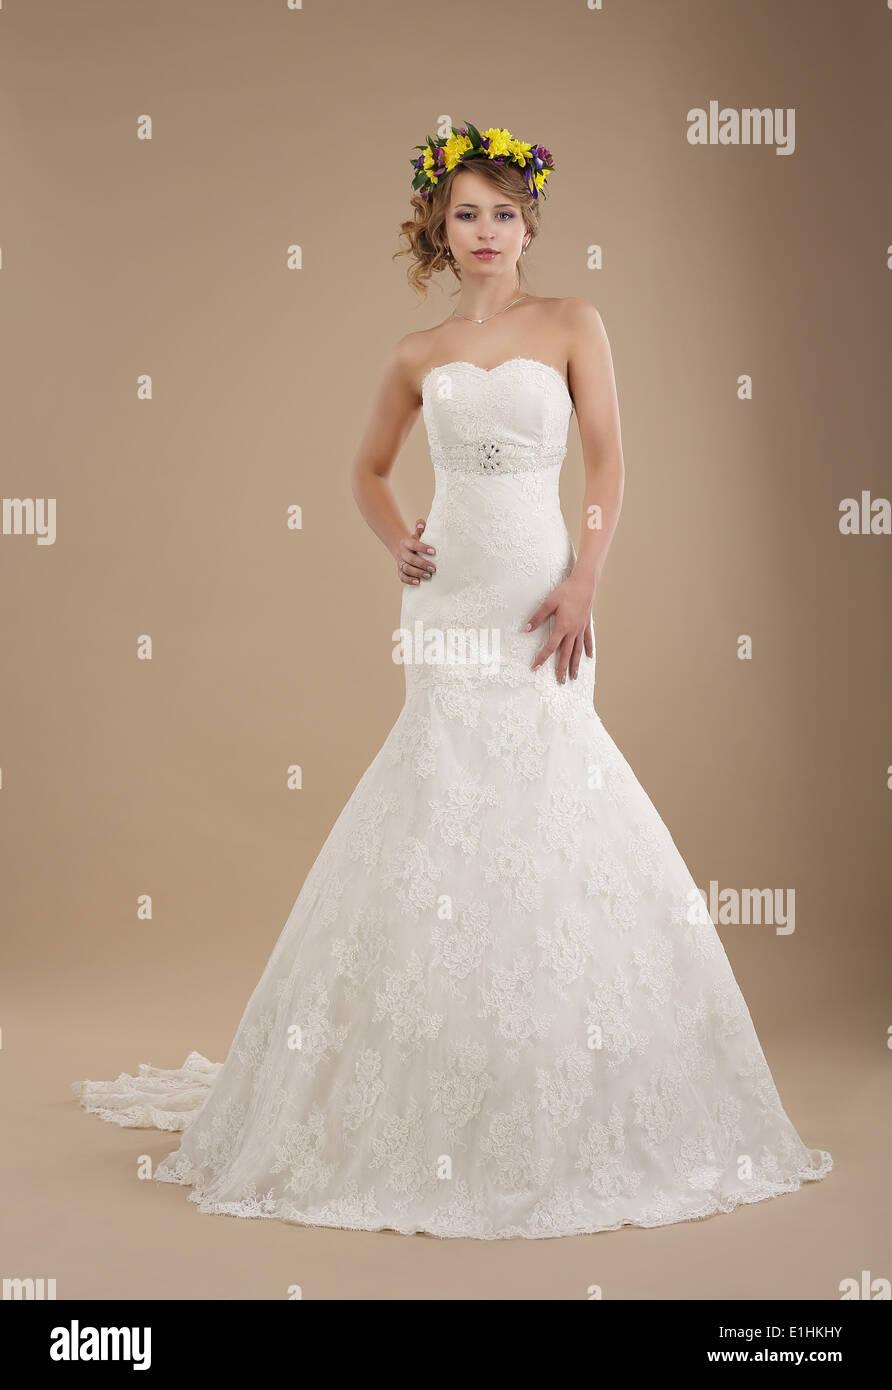 Encantadora mujer vestido nupcial con corona de flores Imagen De Stock